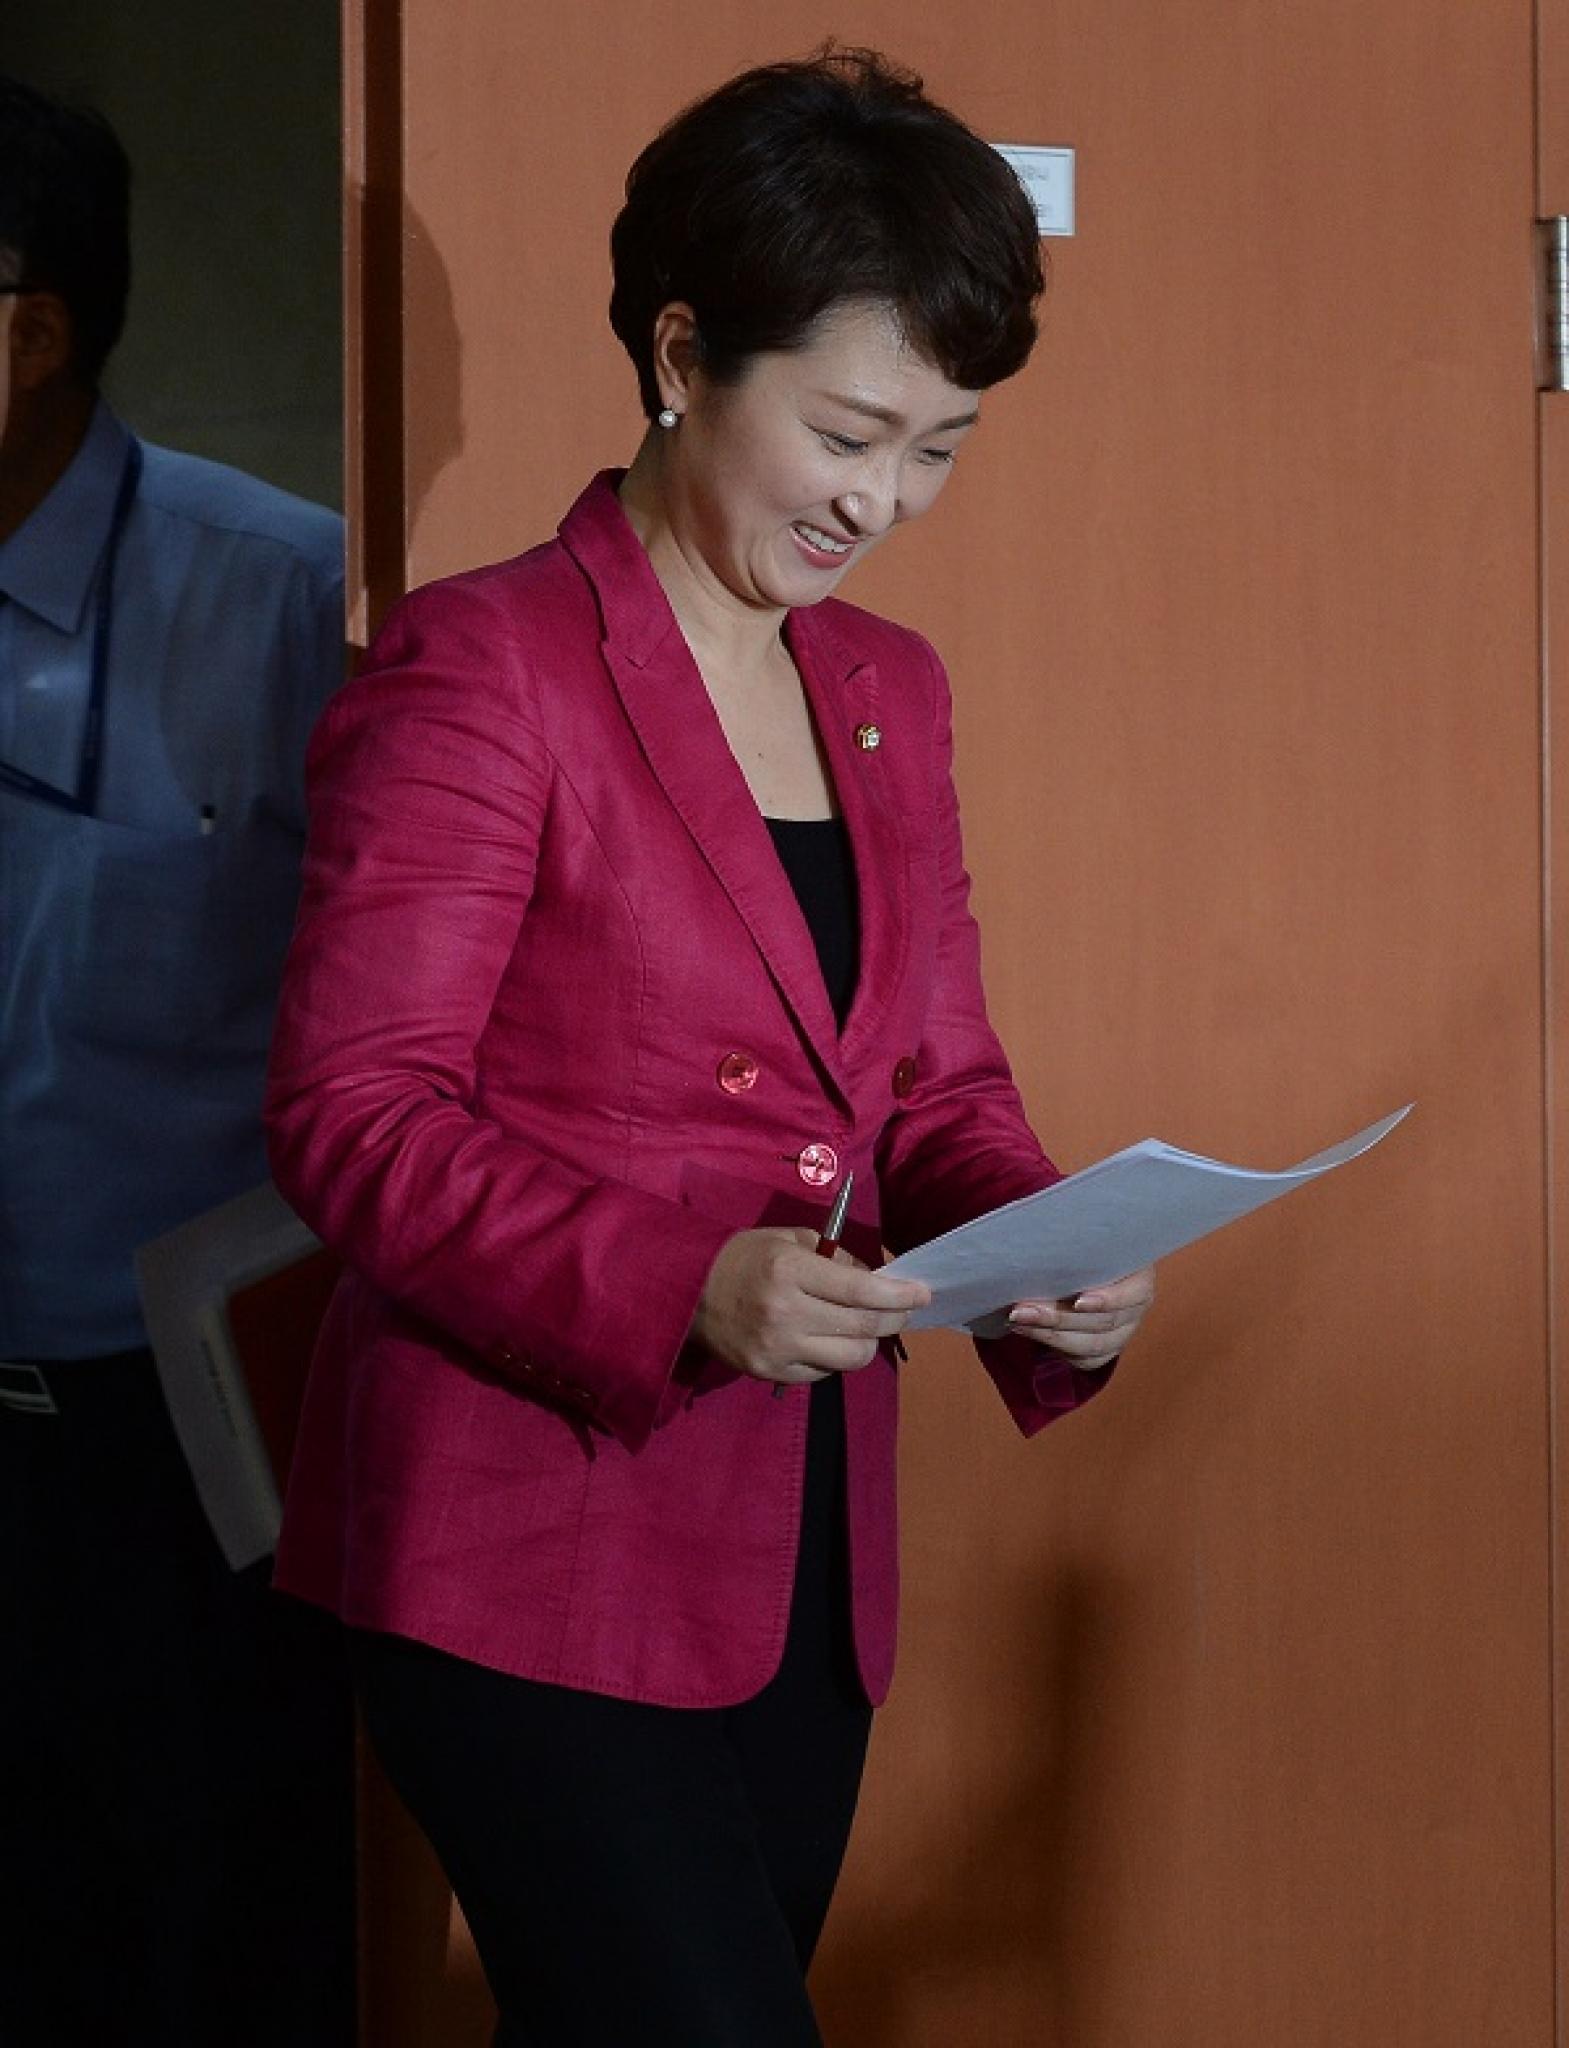 이언주 국민의당 의원이 11일 오후 서울 영등포구 여의도 국회 정론관에서 당 대표 출마 기자회견을 위해 입장하고 있다. /사진=뉴시스